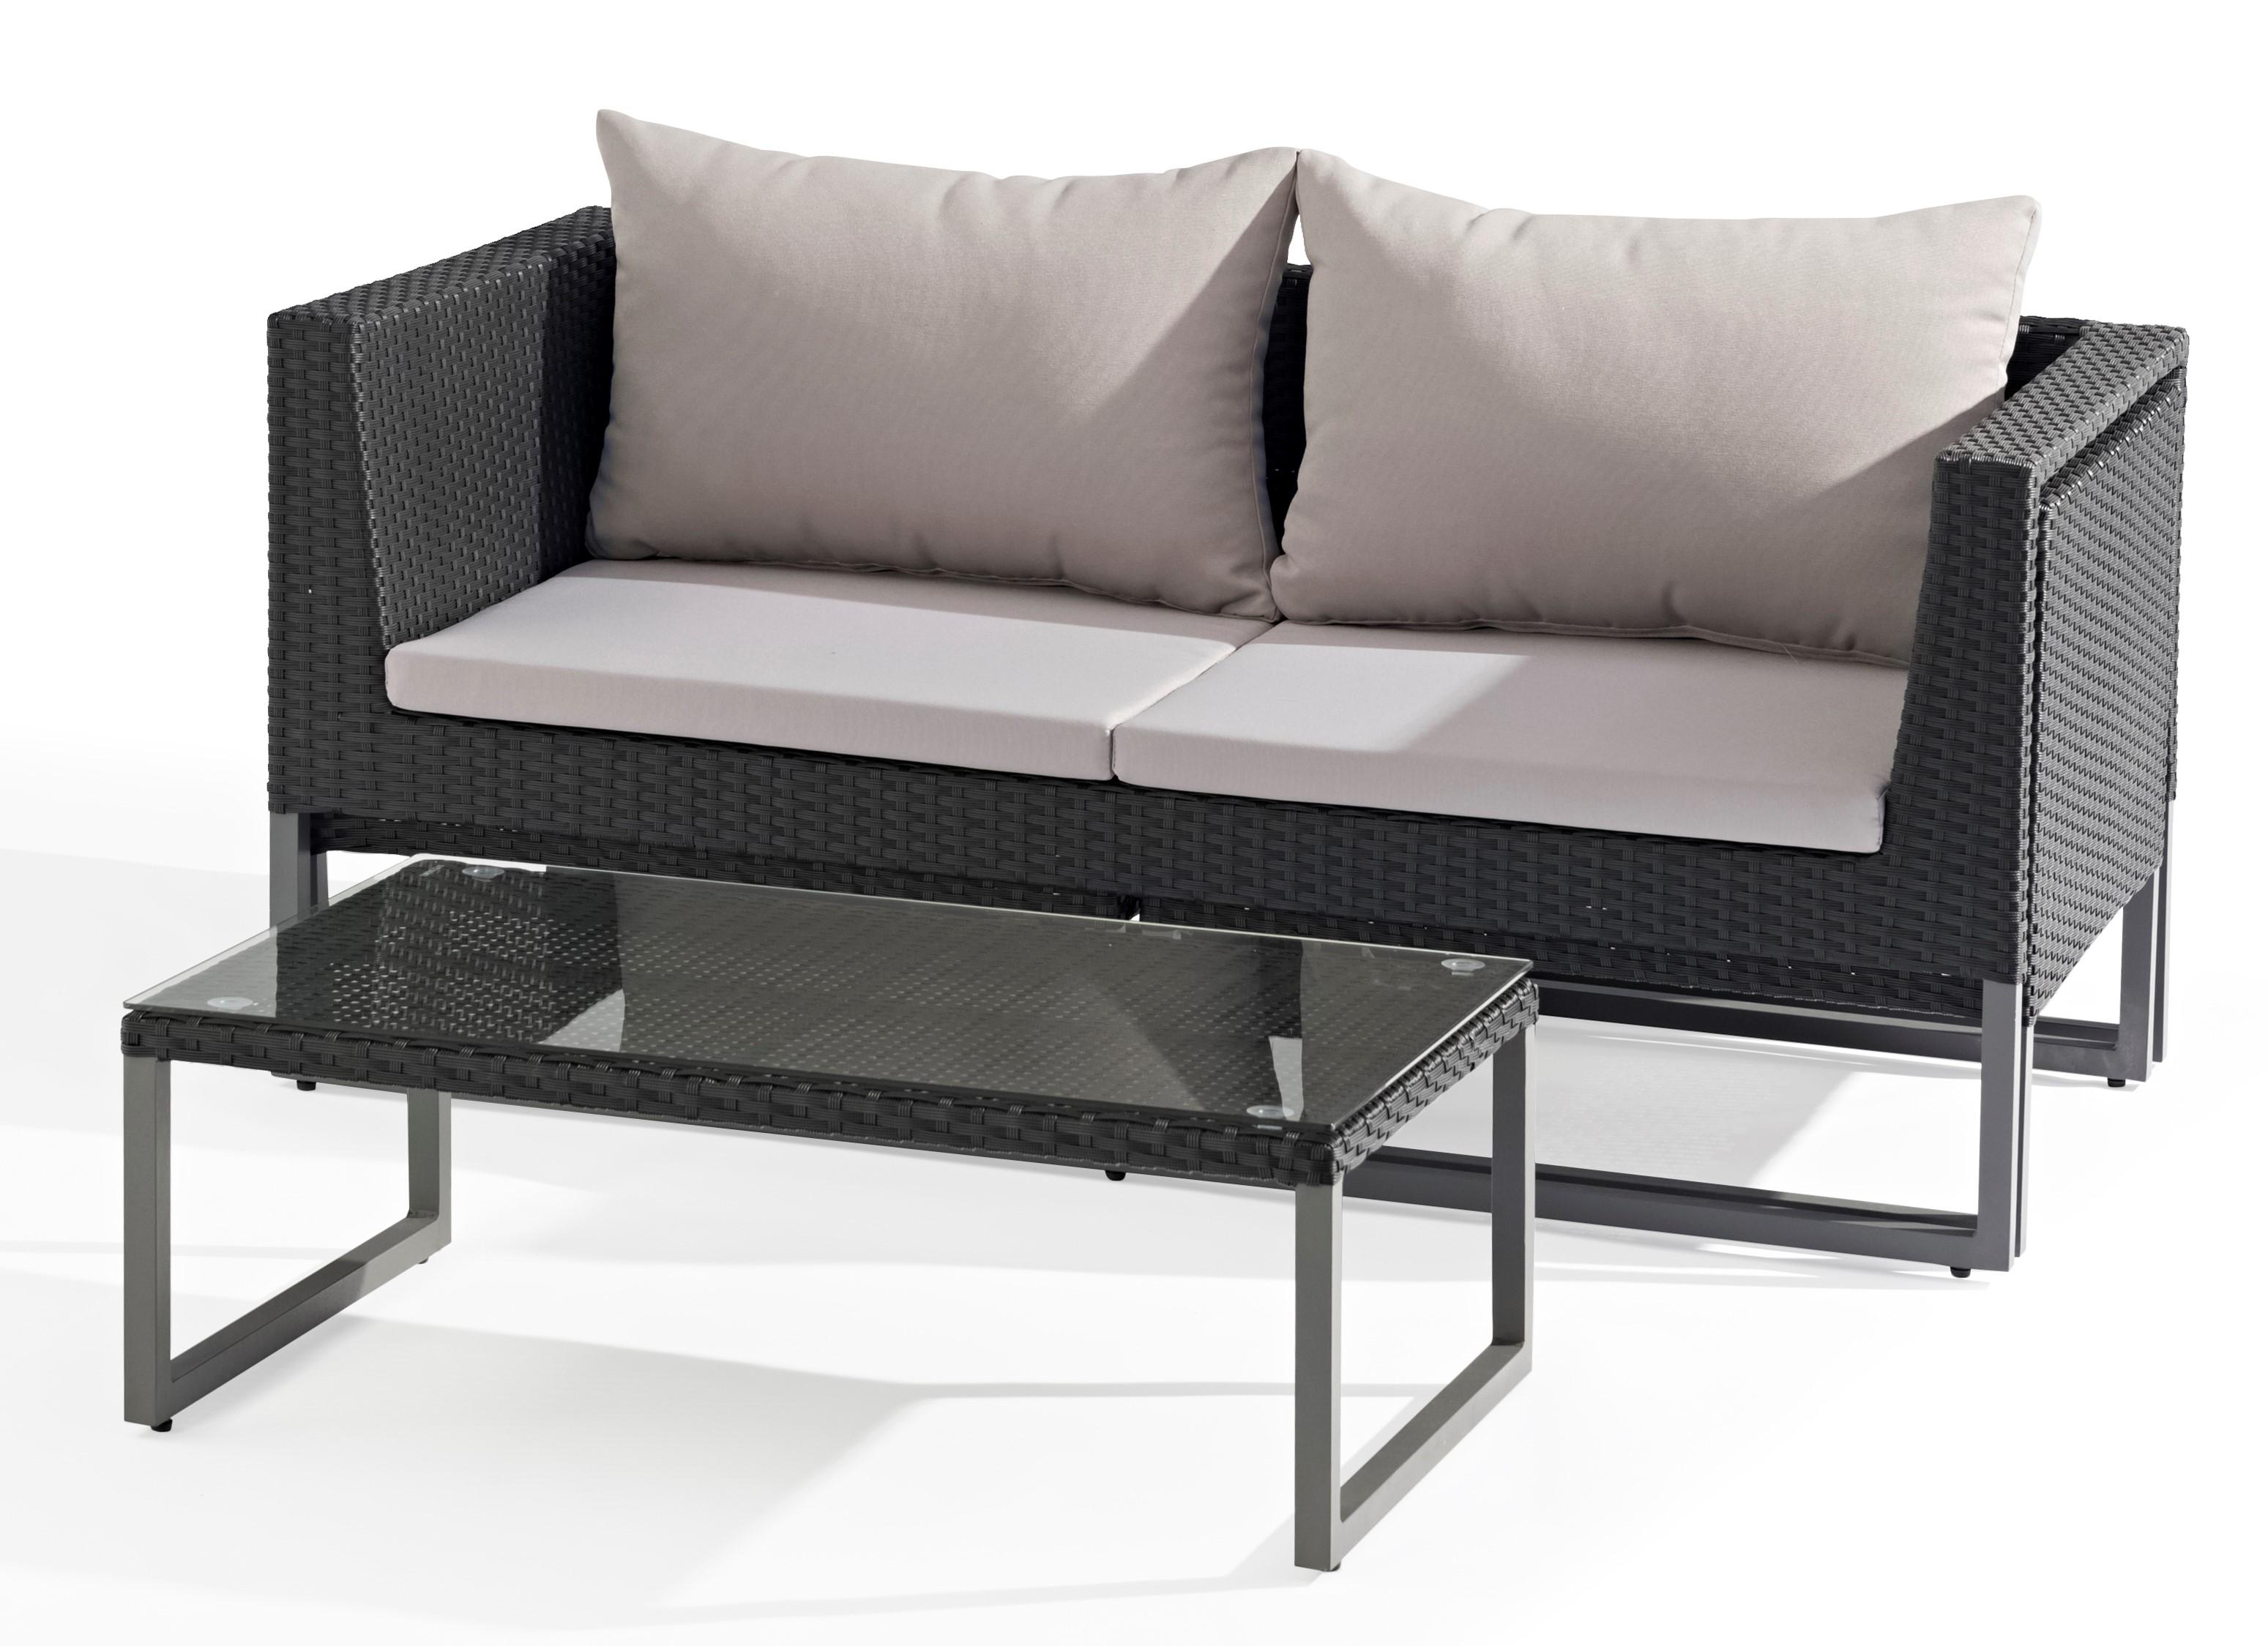 Salon de Jardin CLEVER 4 pièces en aluminium gris anthracite et résine  tressée noire et coussins tissu gris clair